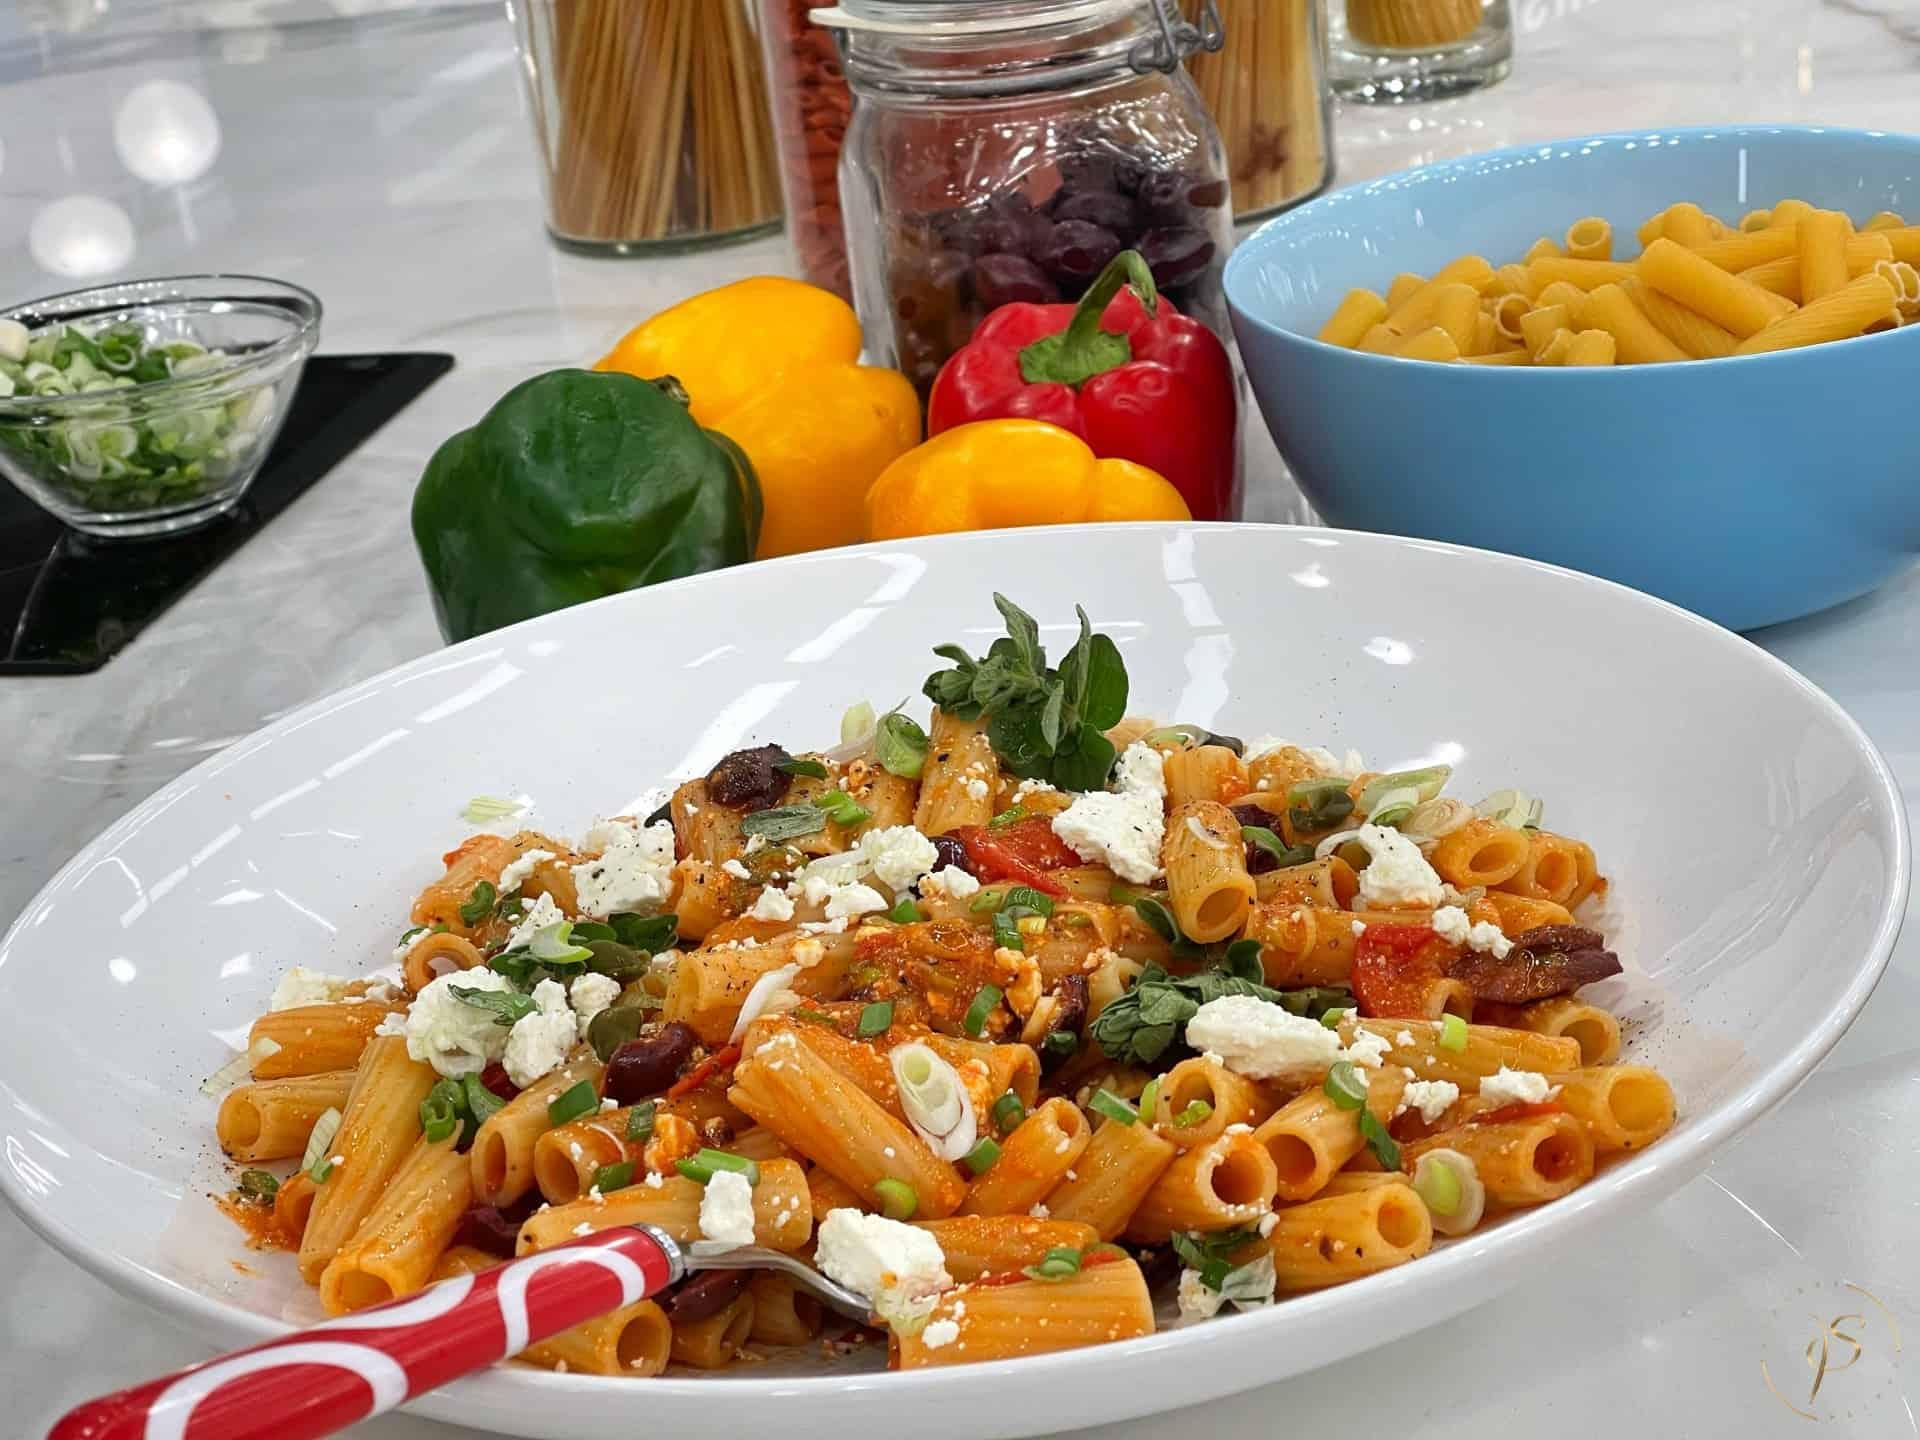 Ριγκατόνι με σάλτσα από ντοματίνια, ελιές, φέτα και ρίγανη